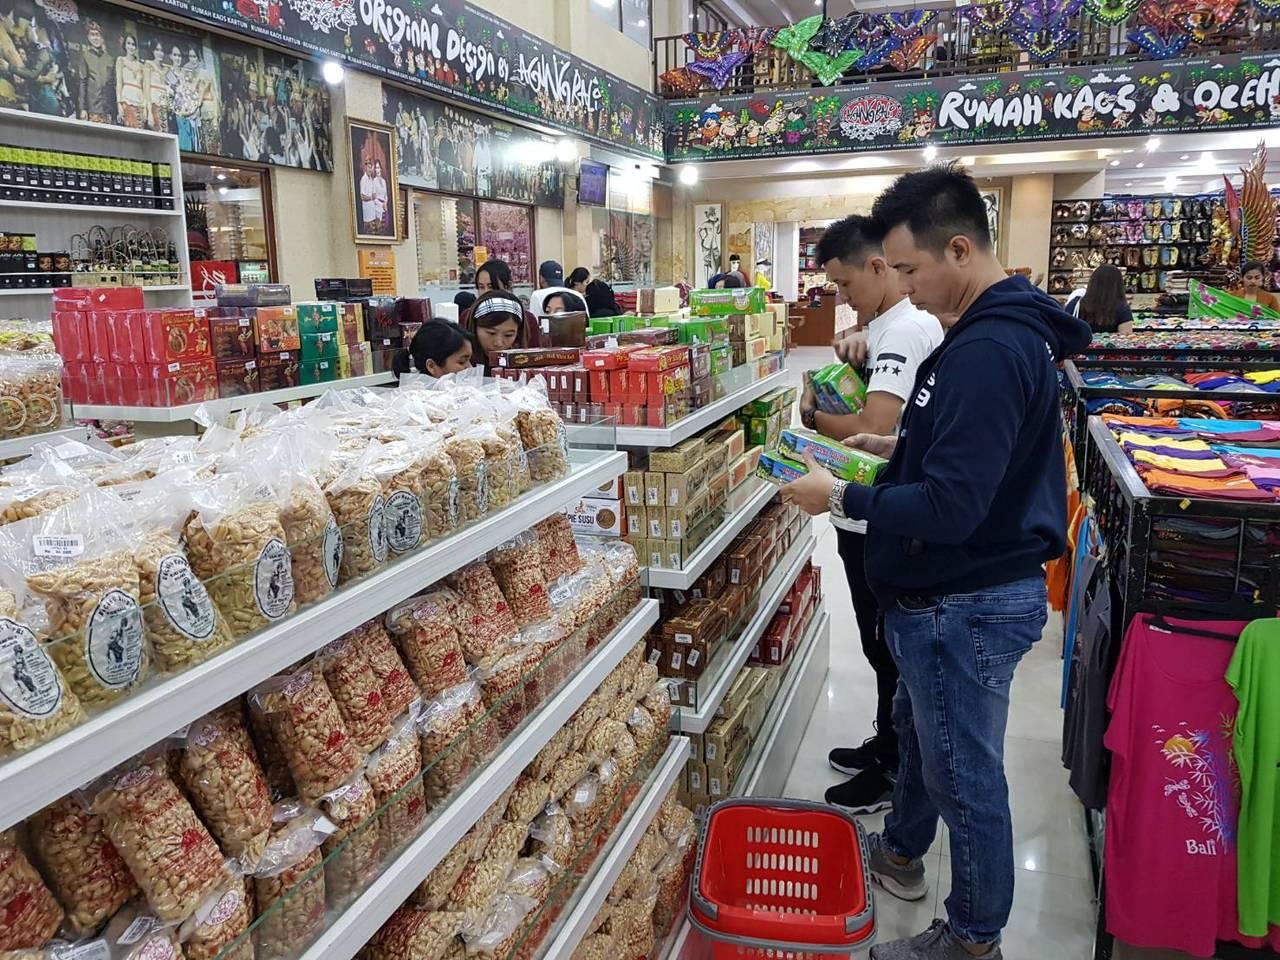 Agung Bali Oleh Oleh也販售有餅乾、堅果。記者陳睿中/攝影